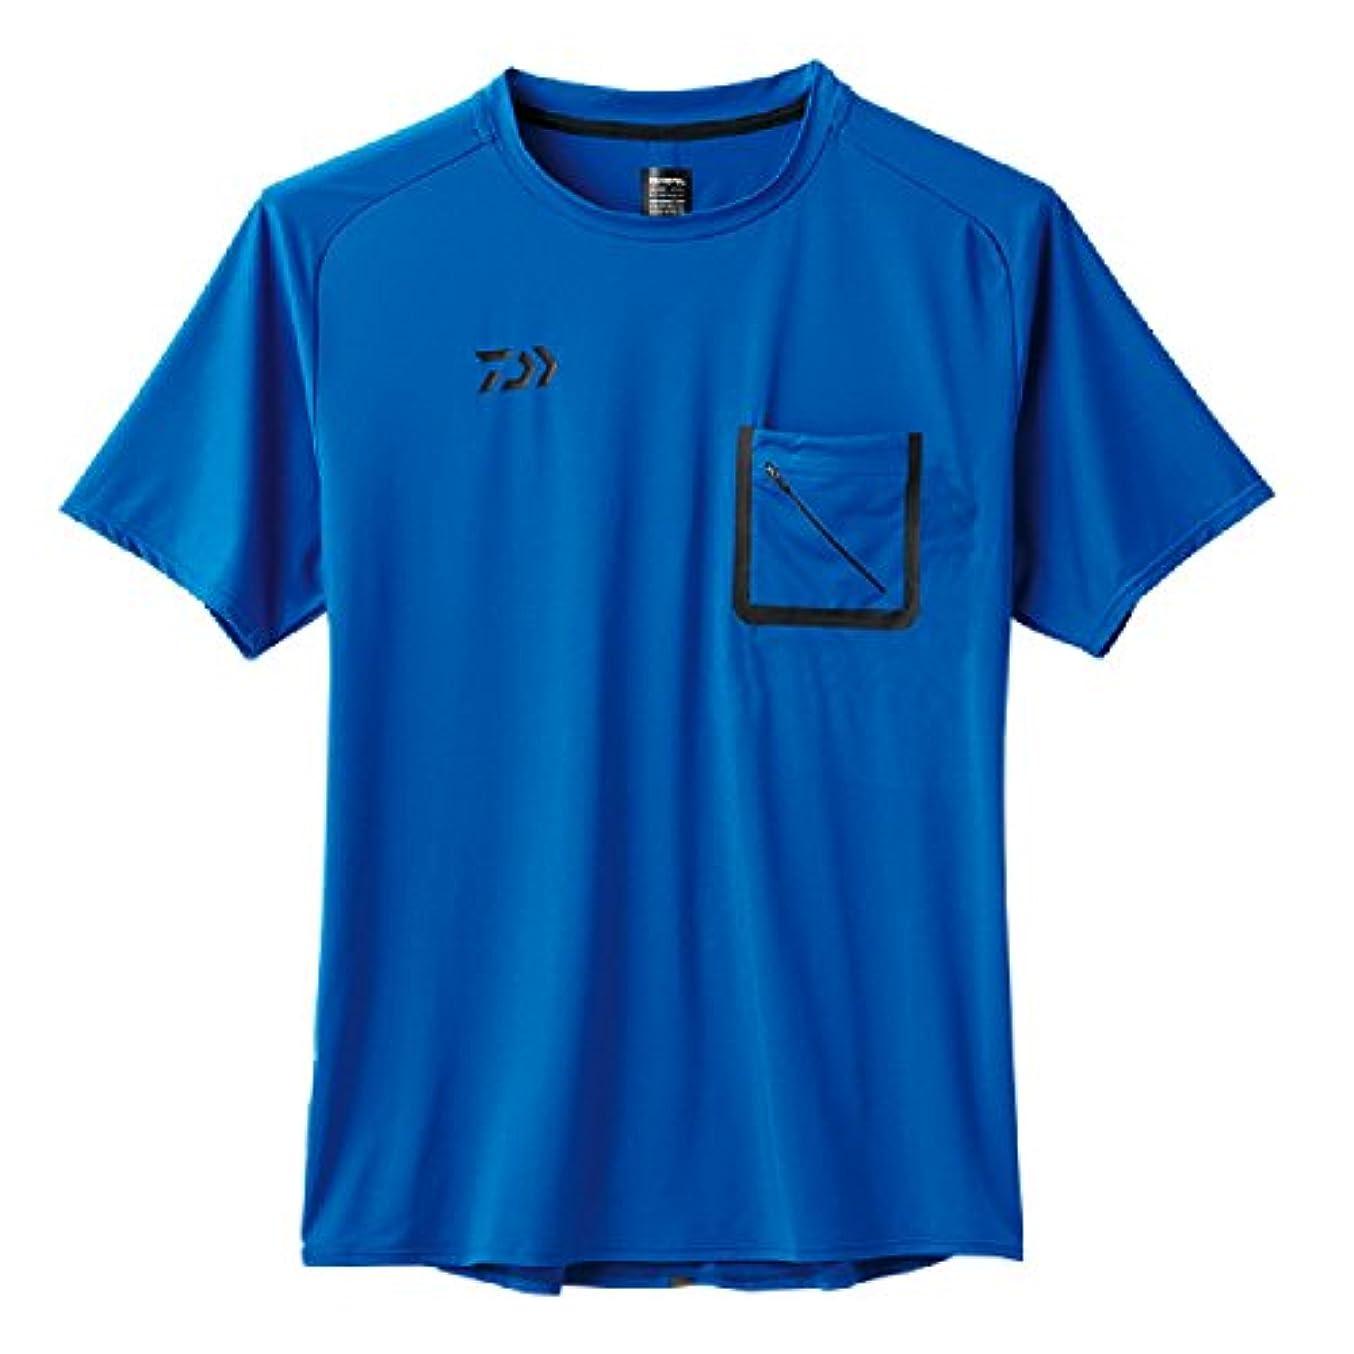 マート爆風縫うダイワ(DAIWA) ストレッチハーフスリーブ ポケット付きポロシャツ DE-86008